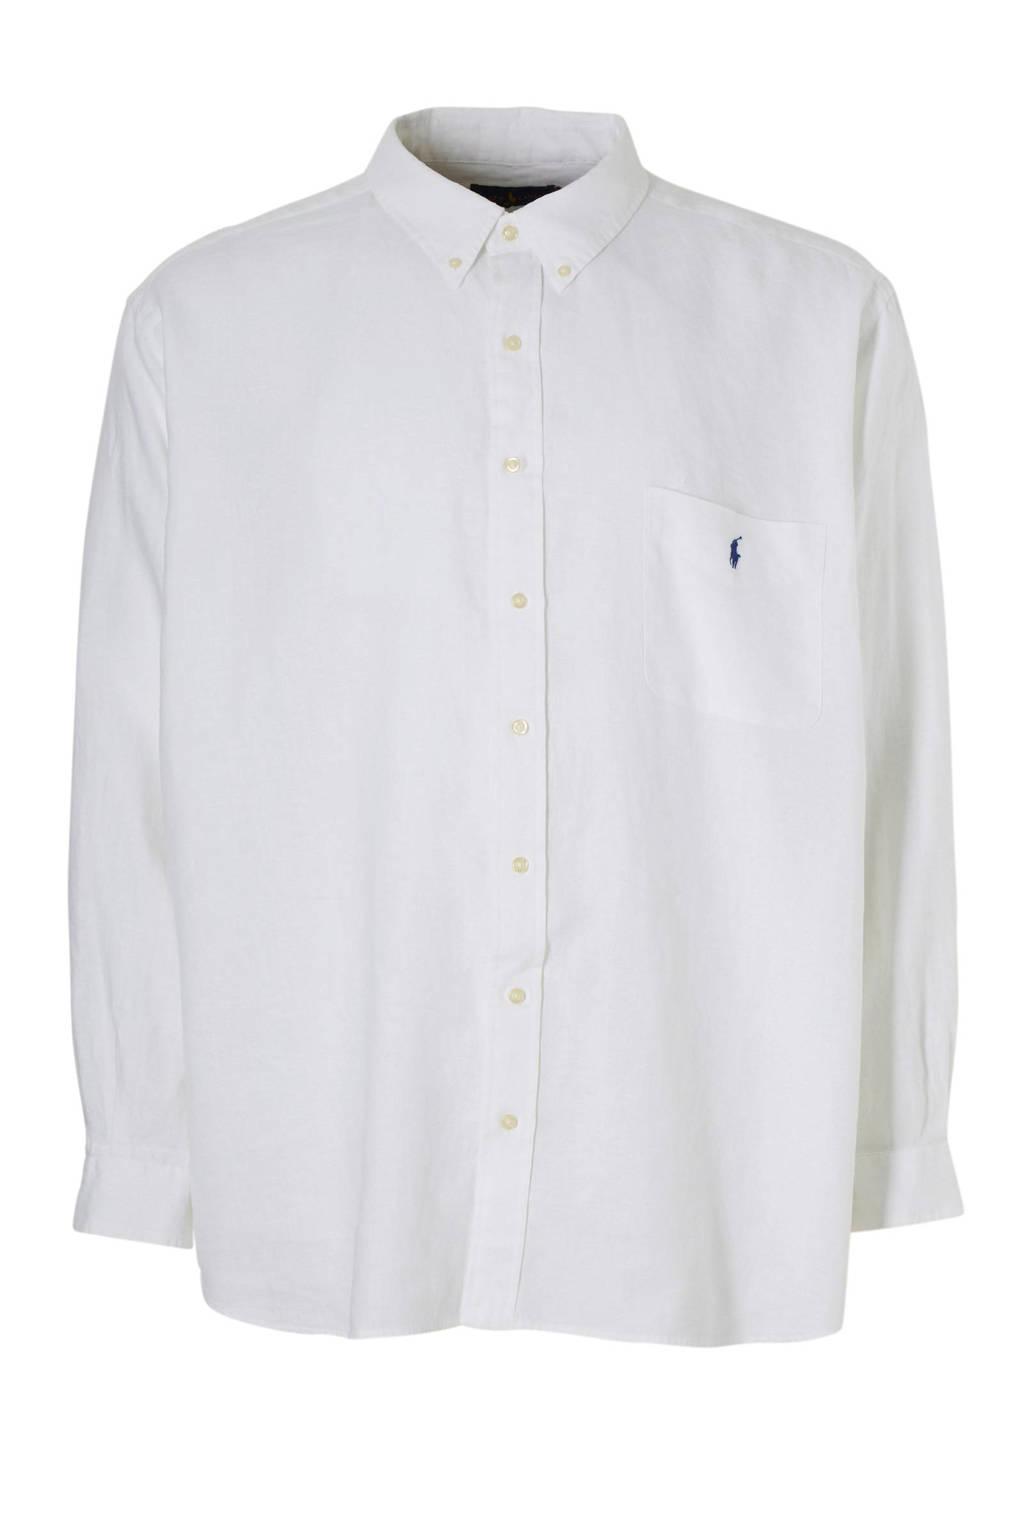 POLO Ralph Lauren Big & Tall +size linnen overhemd, Wit